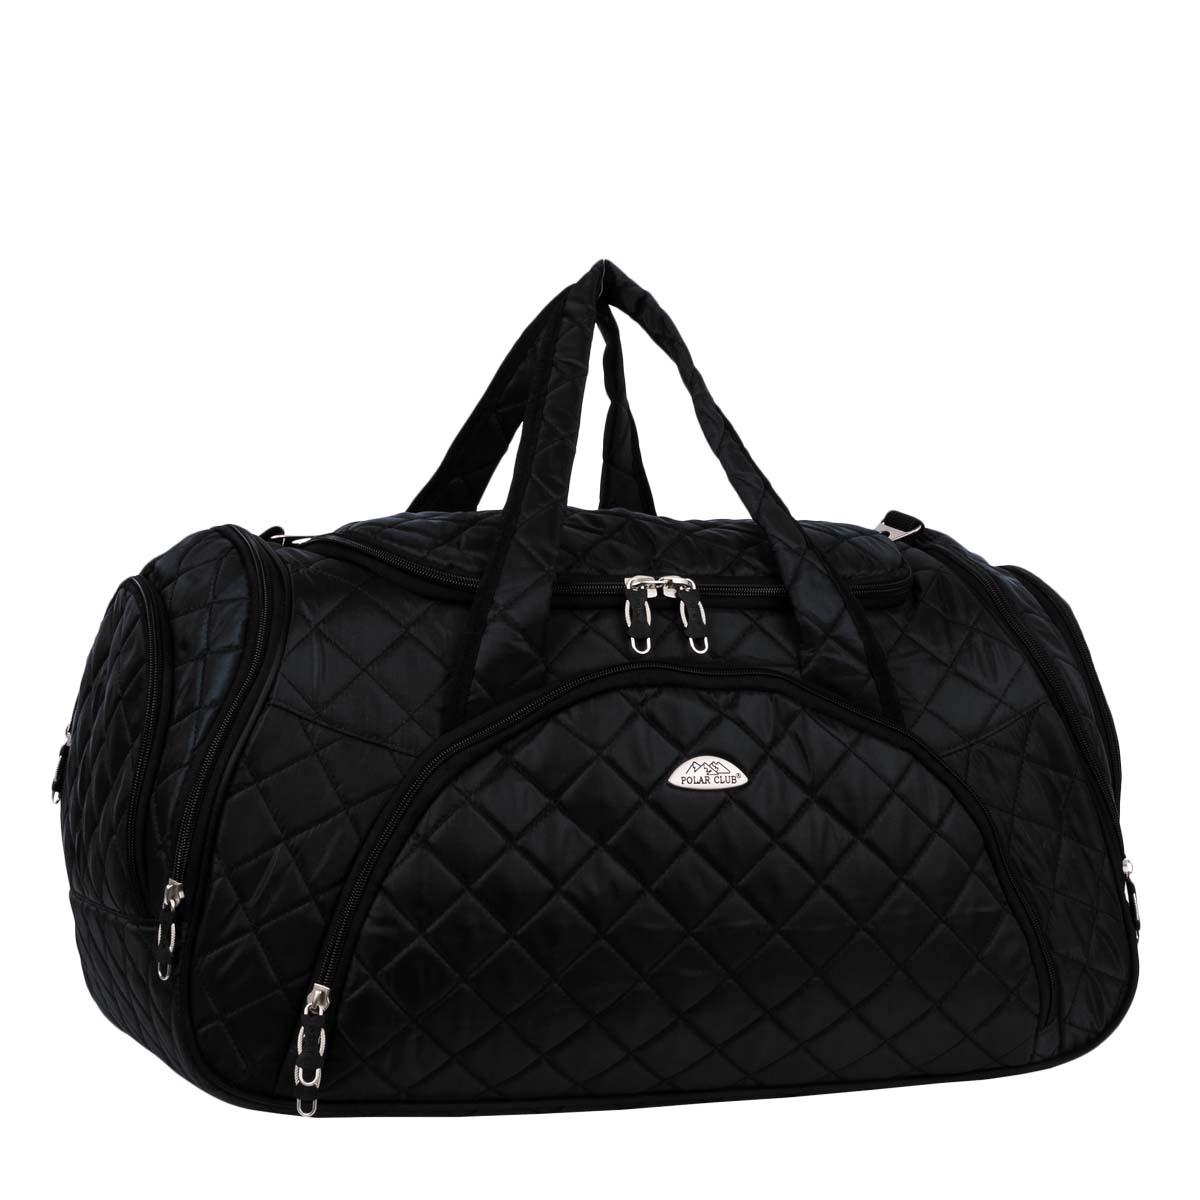 Сумка дорожная Polar, цвет: черный, 57 л. 7035.17035.1Дорожная сумка Polar выполнена из полиэстера. Имеет одно вместительное отделение для крупных предметов и вещей, которое закрывается на молнию. Спереди и по бокам сумки расположены карманы на молнии для средних и мелких предметов. В комплект входит плечевой ремень и замочек с ключом. Хороший вариант для поездок на несколько дней и командировок.